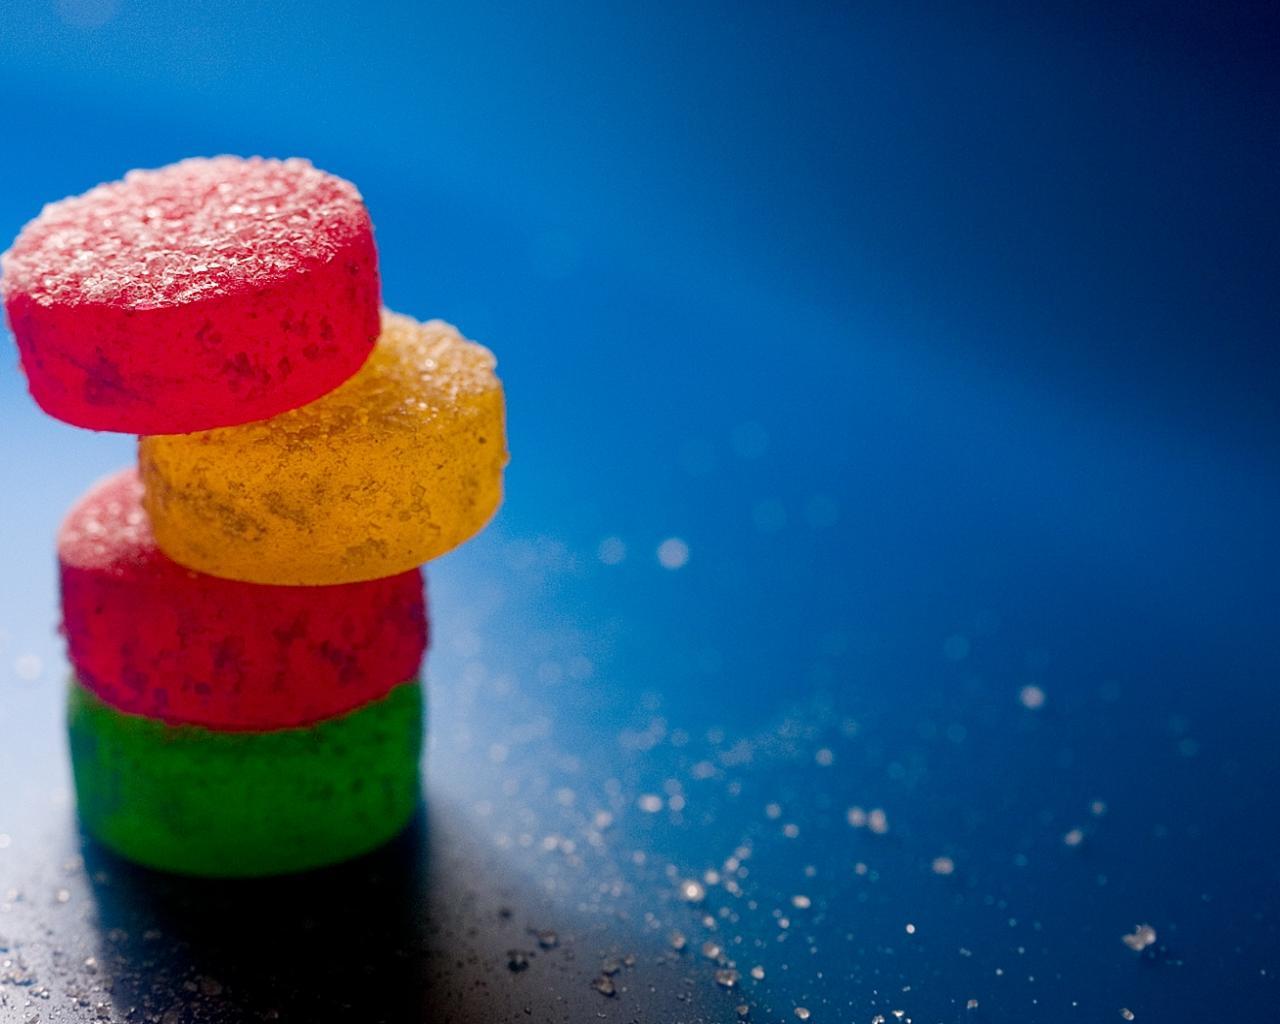 Со сладостями разноцветный мармелад